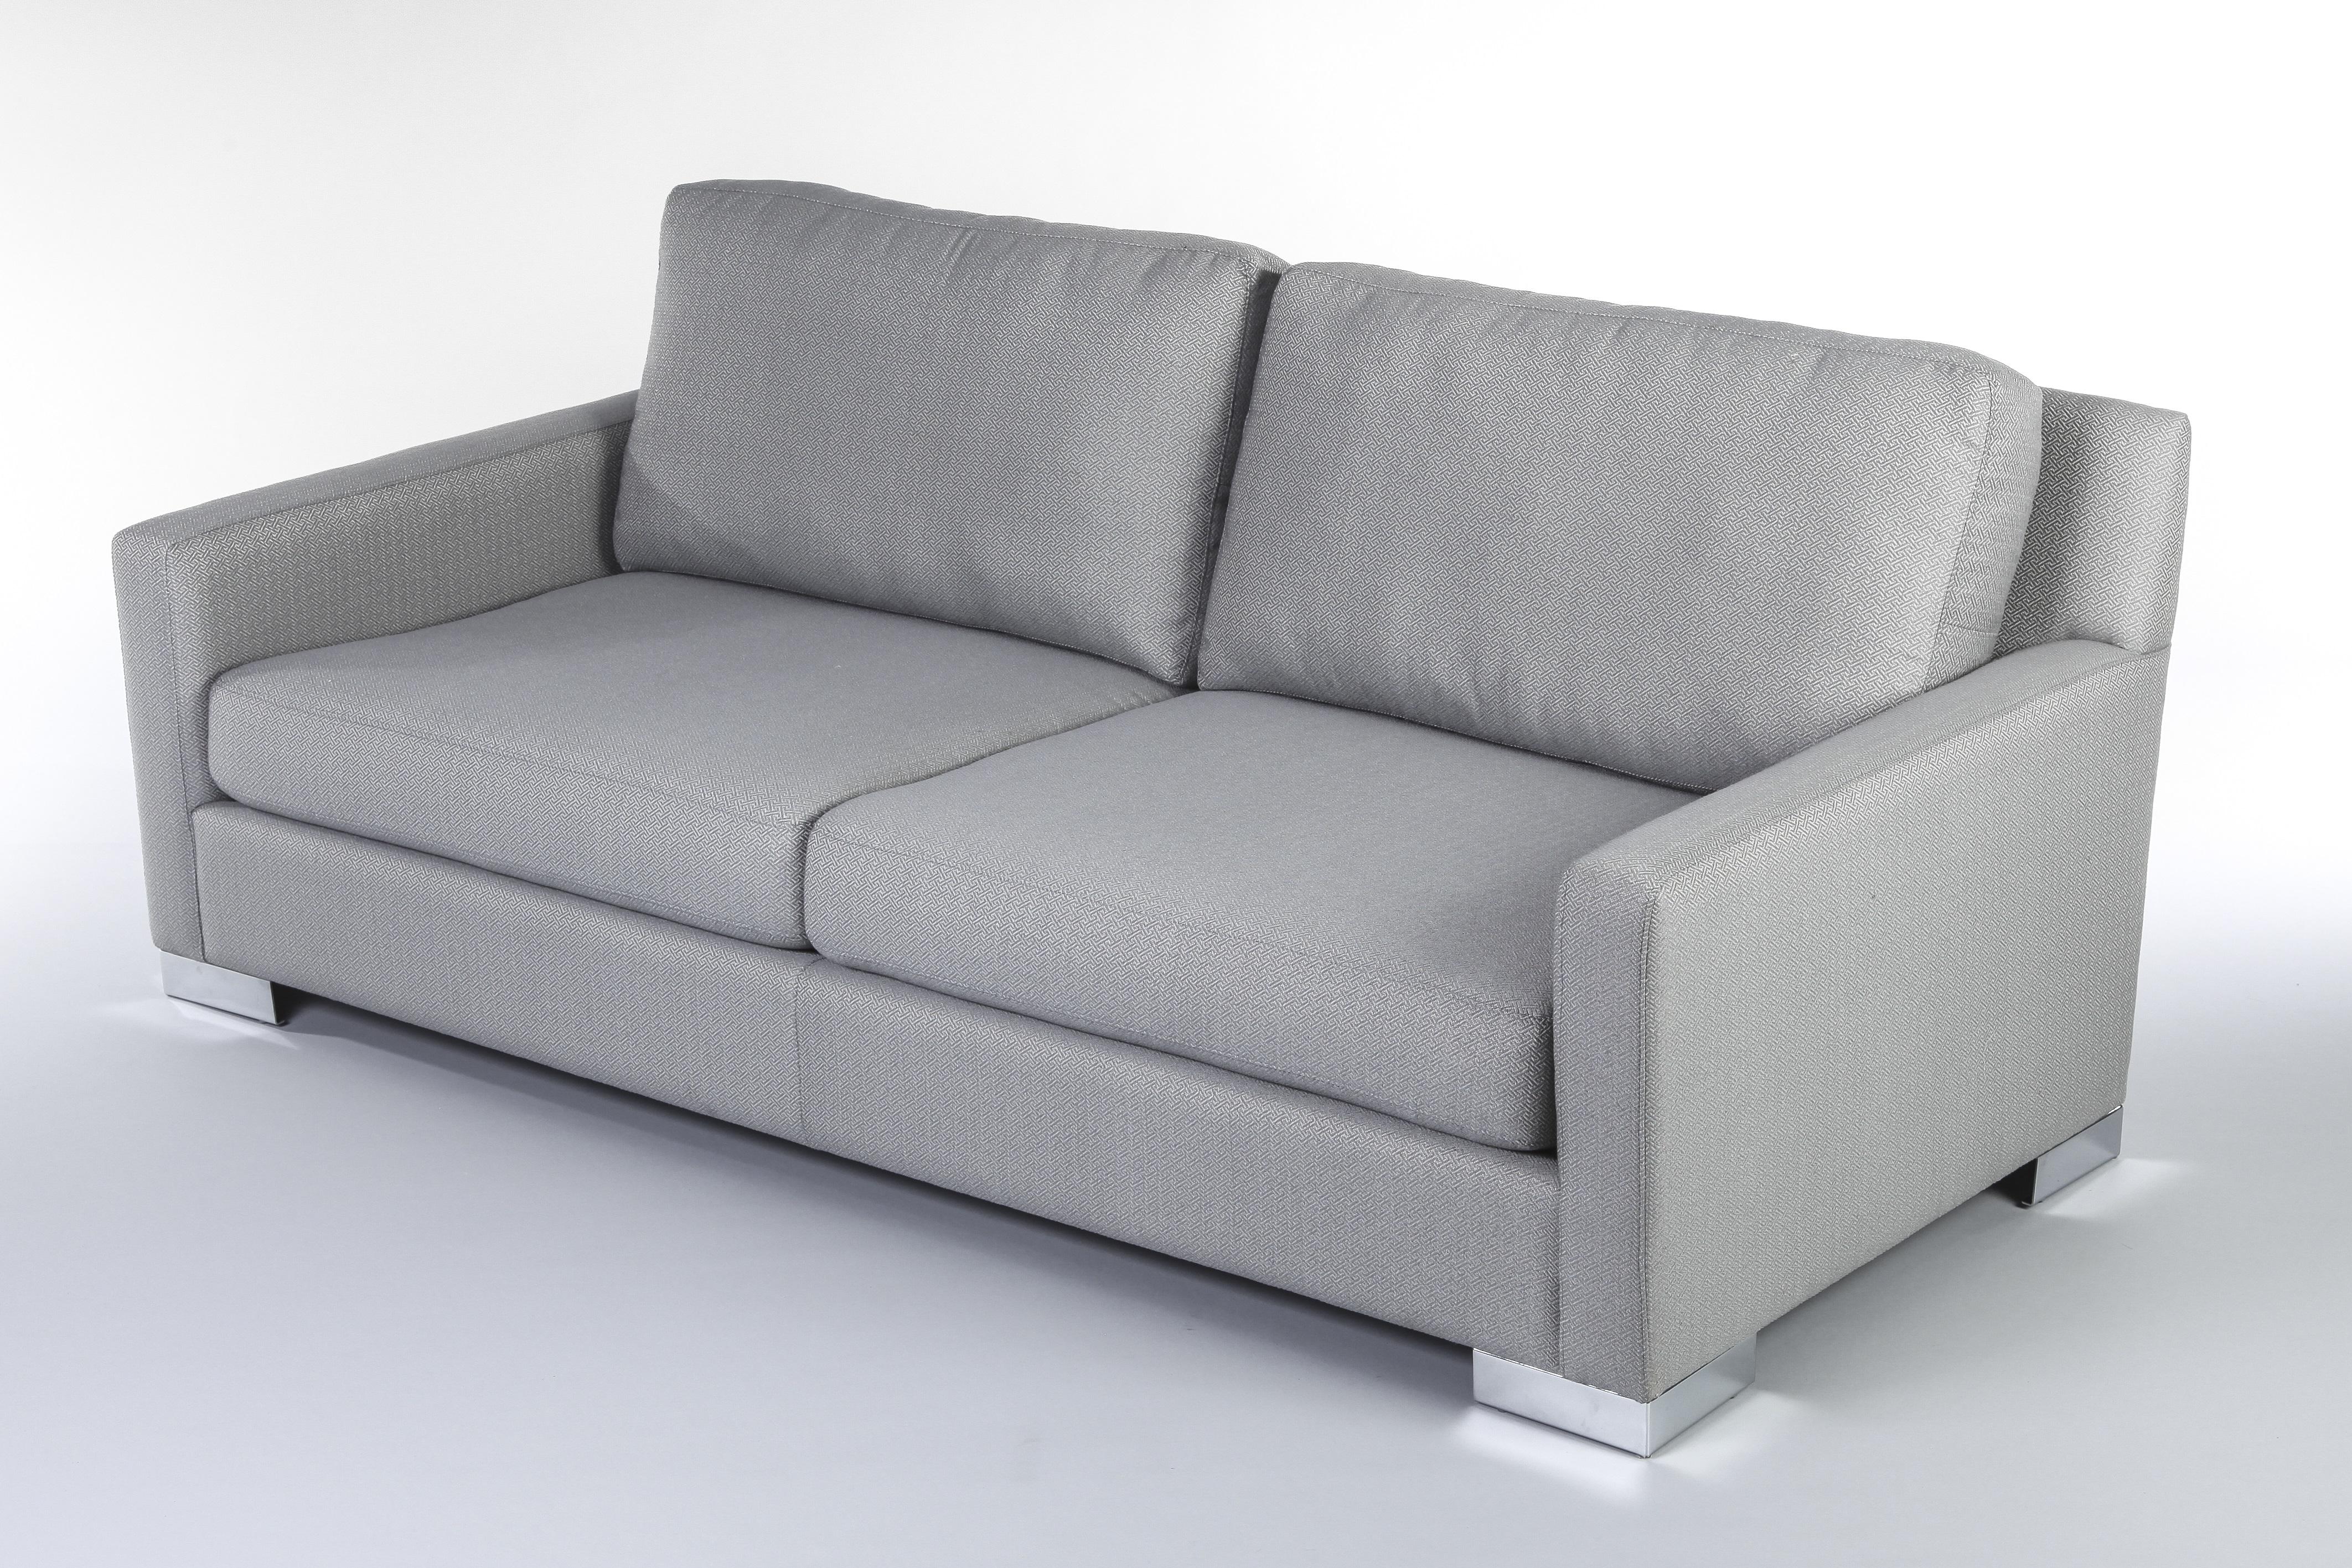 8441 Kensington Sofa